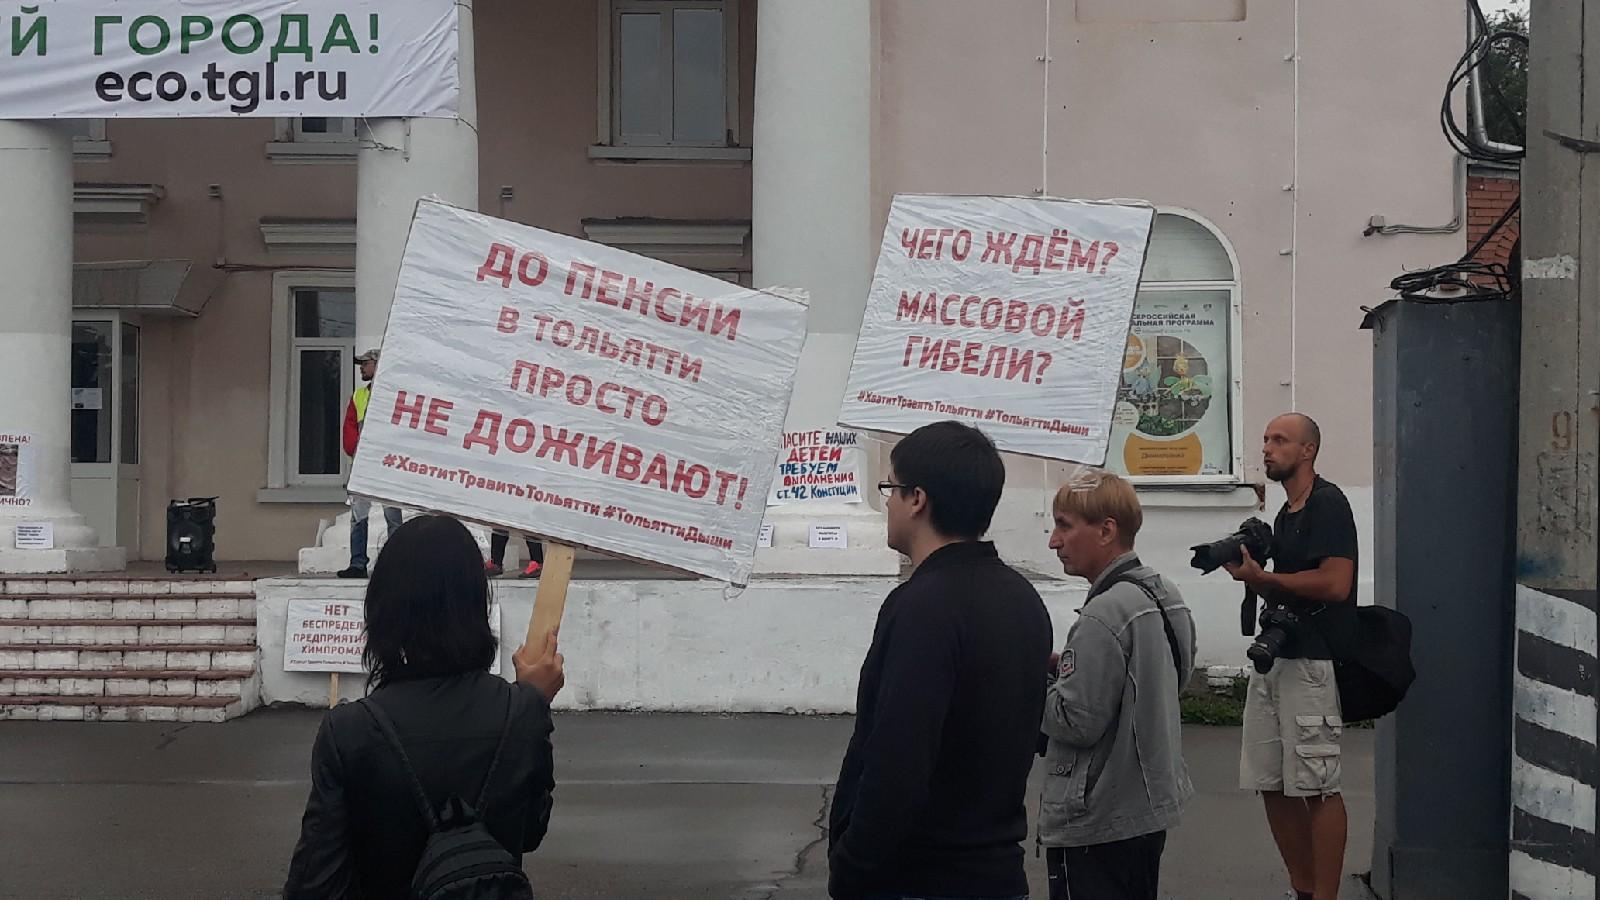 «До пенсии не доживем»: В Тольятти митинг за чистый воздух собрал почти 400 человек